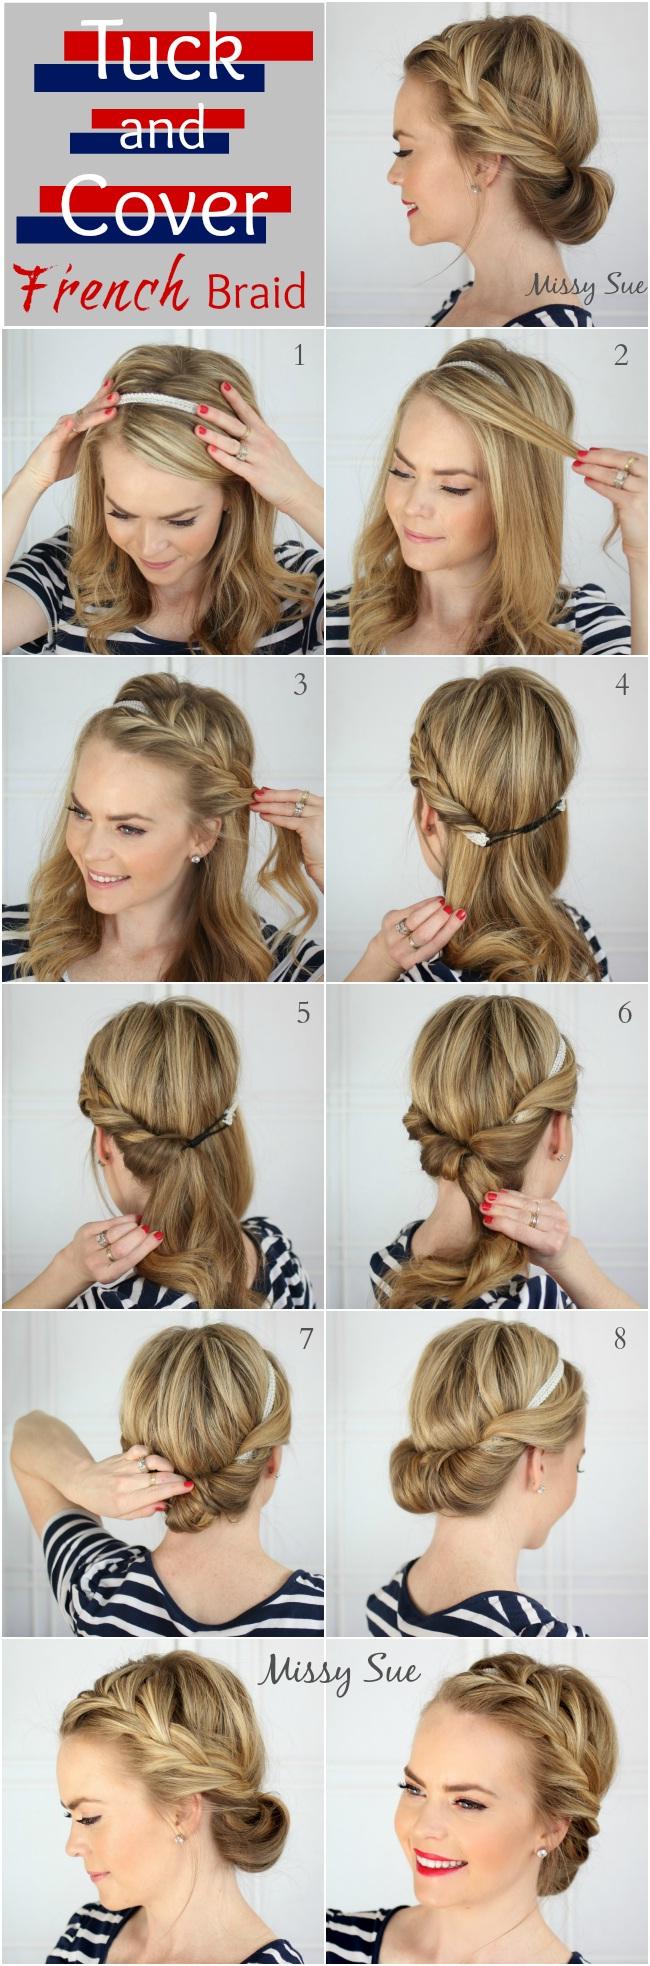 10 magnifiques tutoriels de coiffures de mariage tendance 2016 coiffure simple et facile. Black Bedroom Furniture Sets. Home Design Ideas